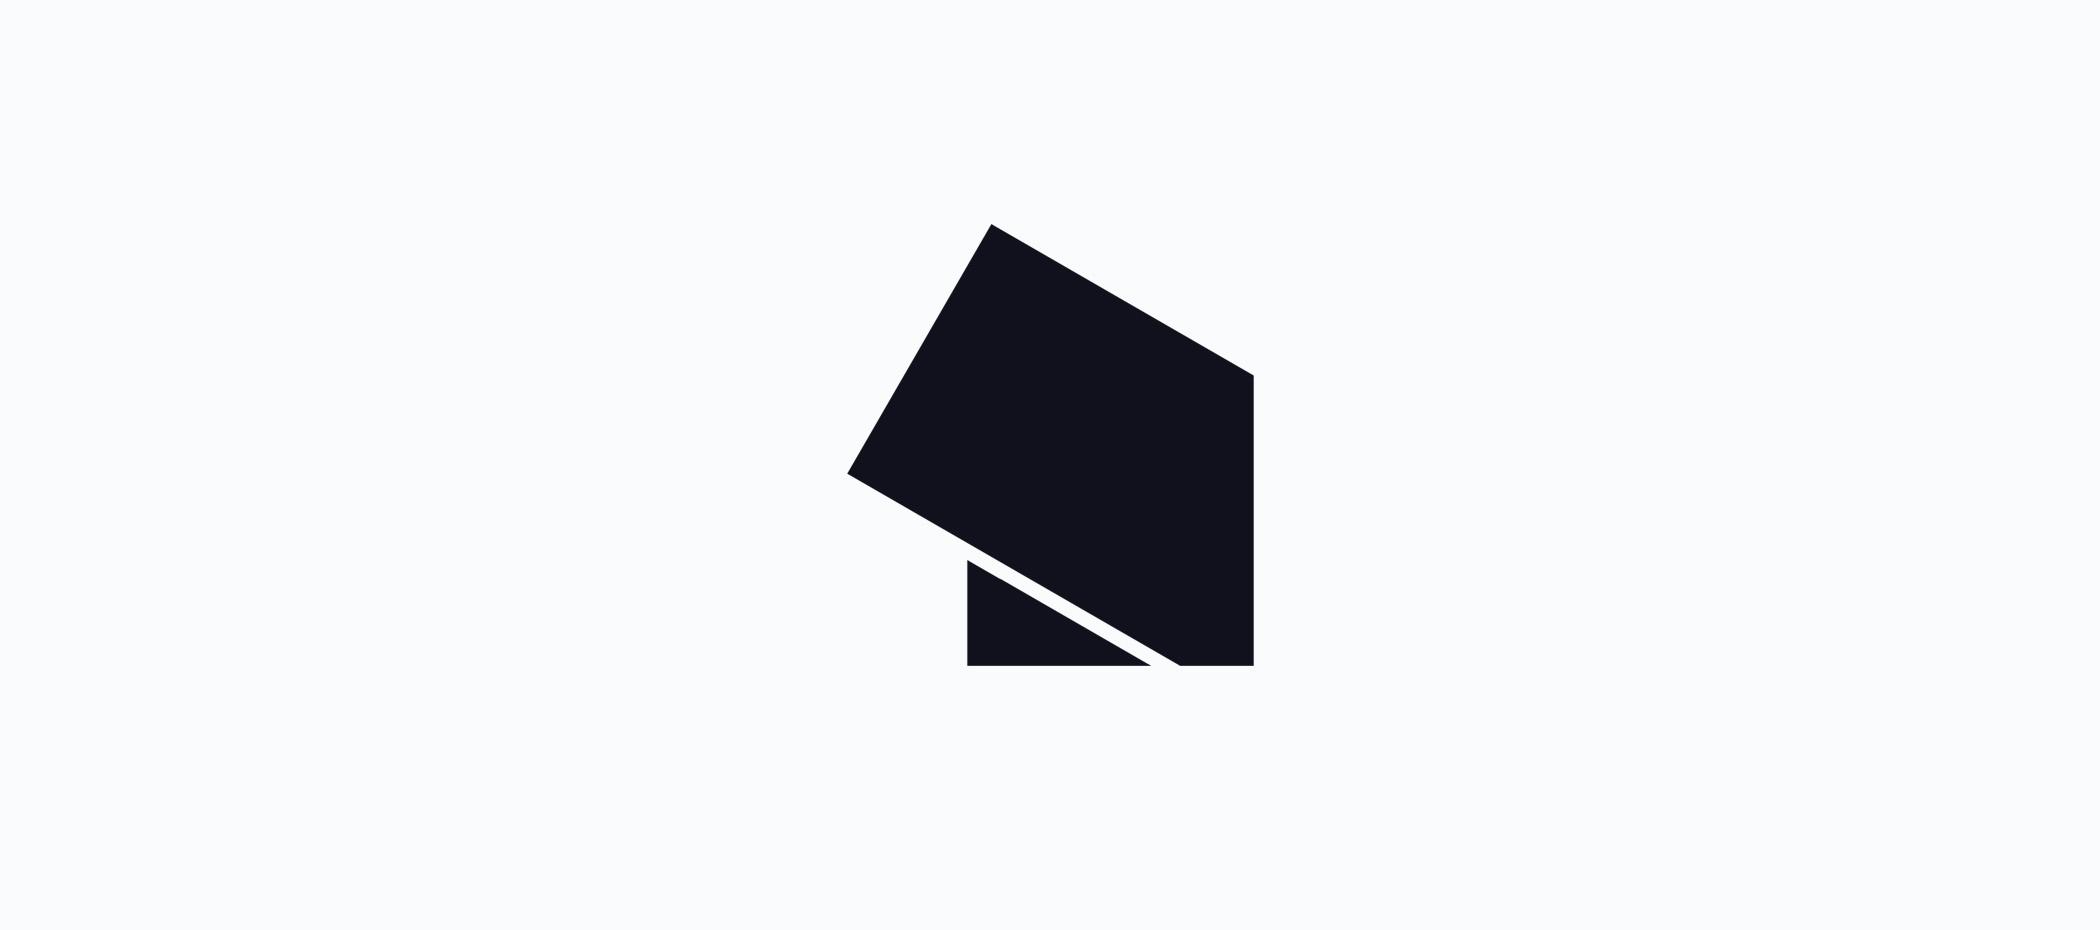 diseño logotipo - Beusual - diseño grafico santander - ramon fananas - RFS